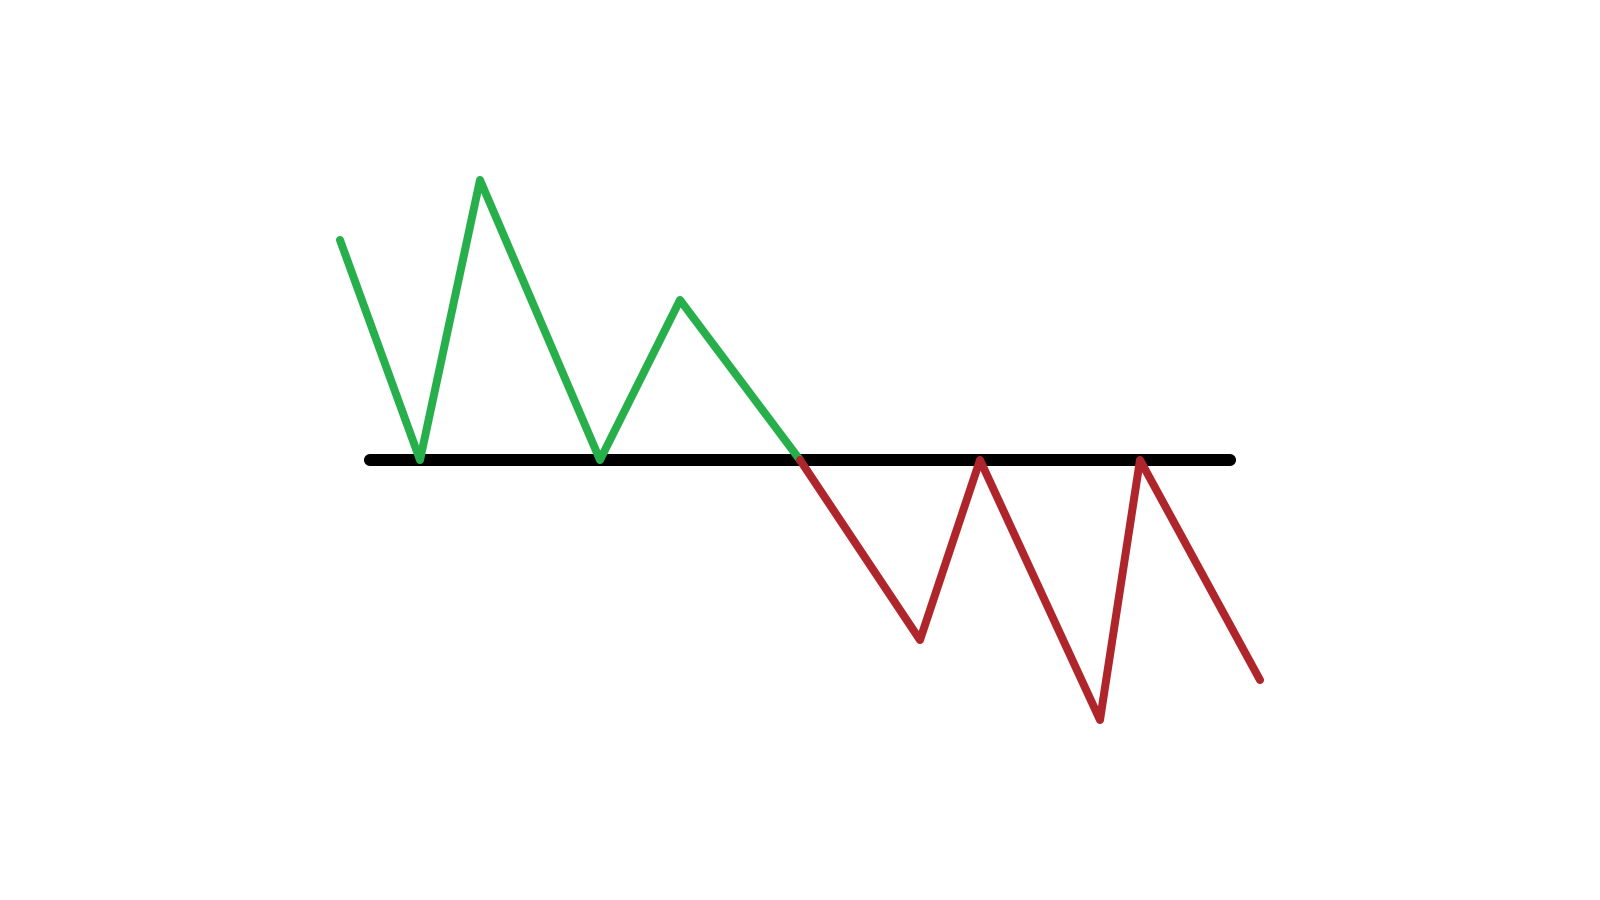 Guida per identificare quando il prezzo vuole uscire dal supporto/resistenza su Olymp Trade e le azioni da intraprendere